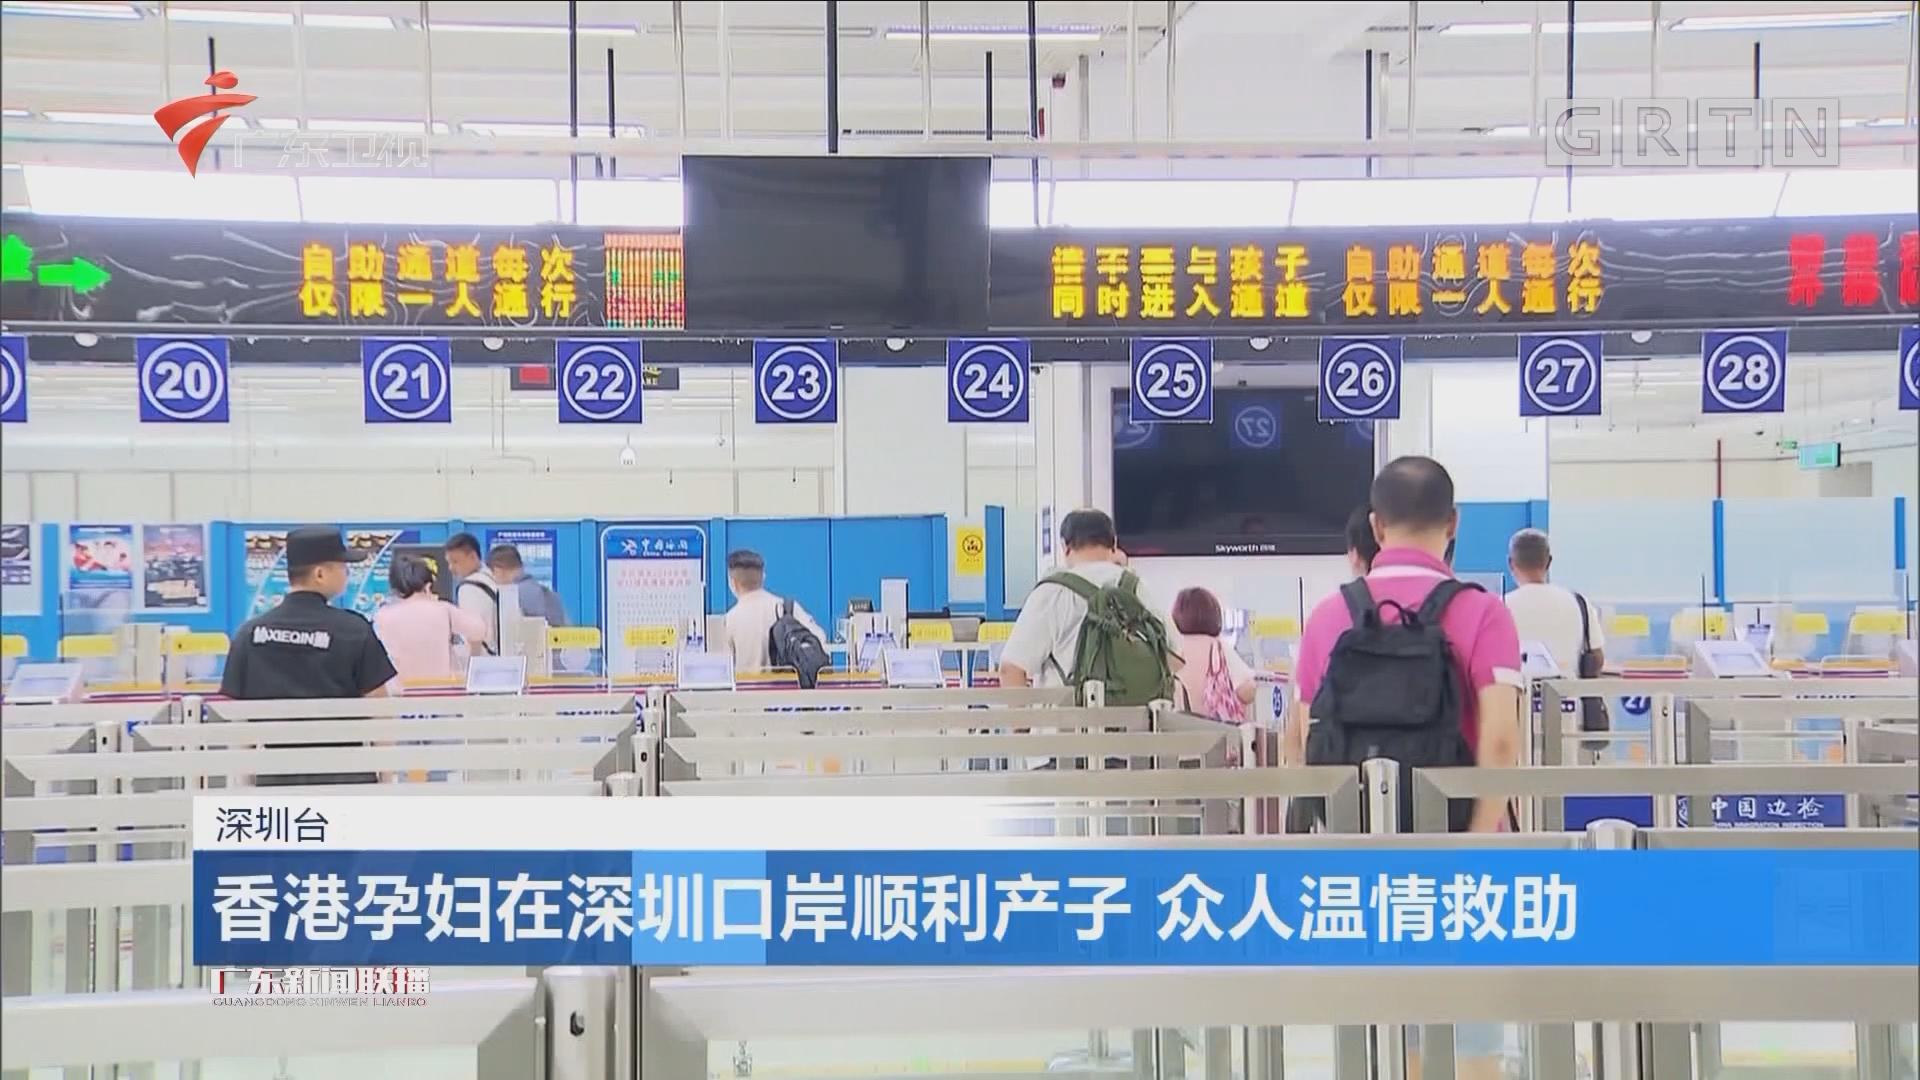 香港孕妇在深圳口岸顺利产子 众人温情救助